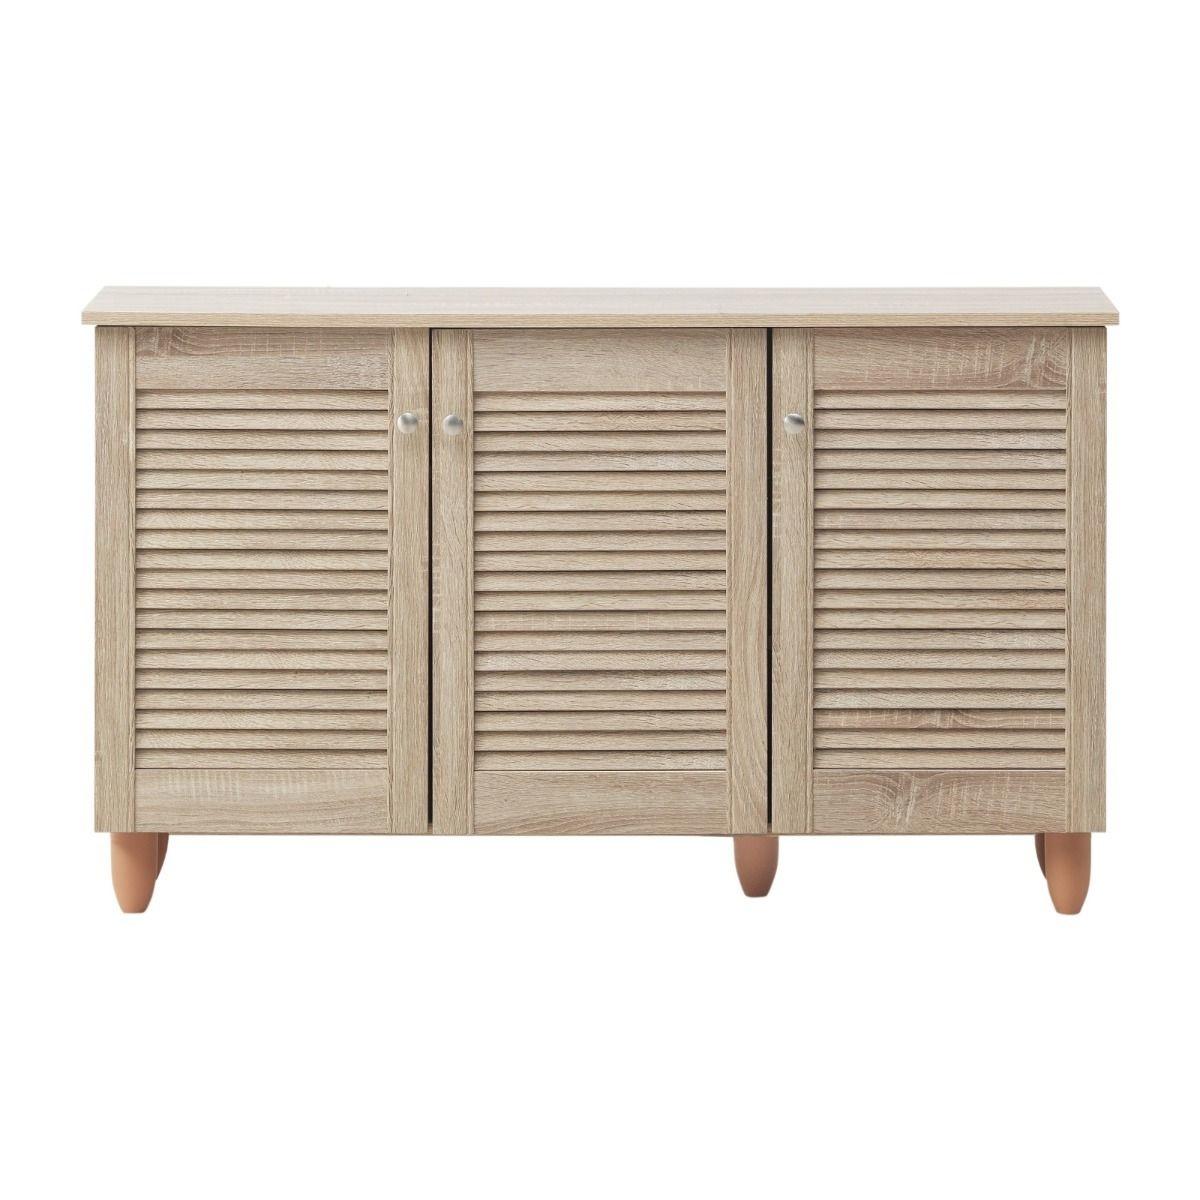 3 Door Shoe Cabinet - Sonoma Oak